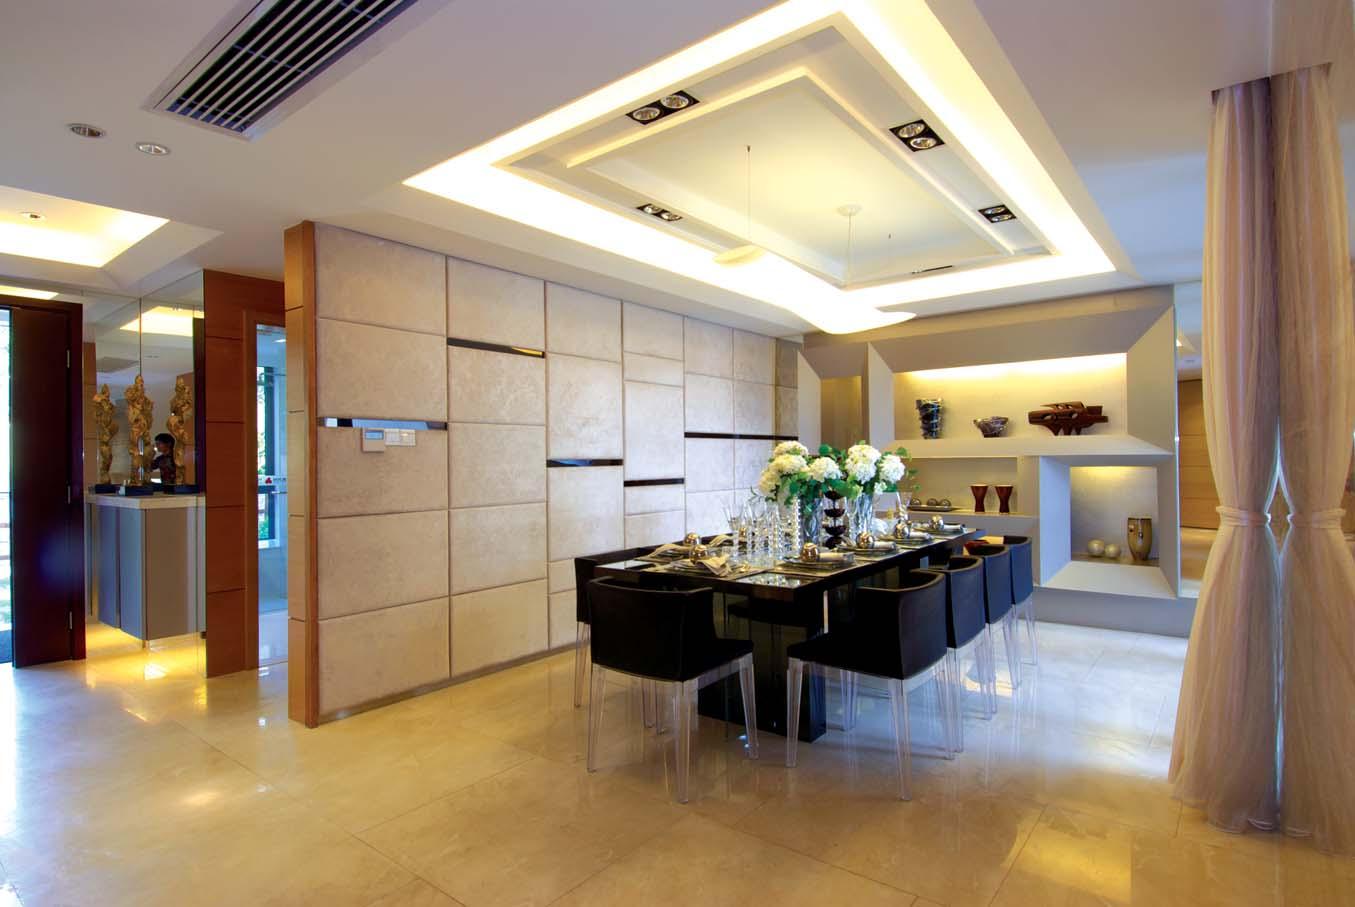 简约 别墅 白领 80后 小资 餐厅图片来自广州九艺(三星)装饰设计在时代依云小镇龙小姐雅居的分享